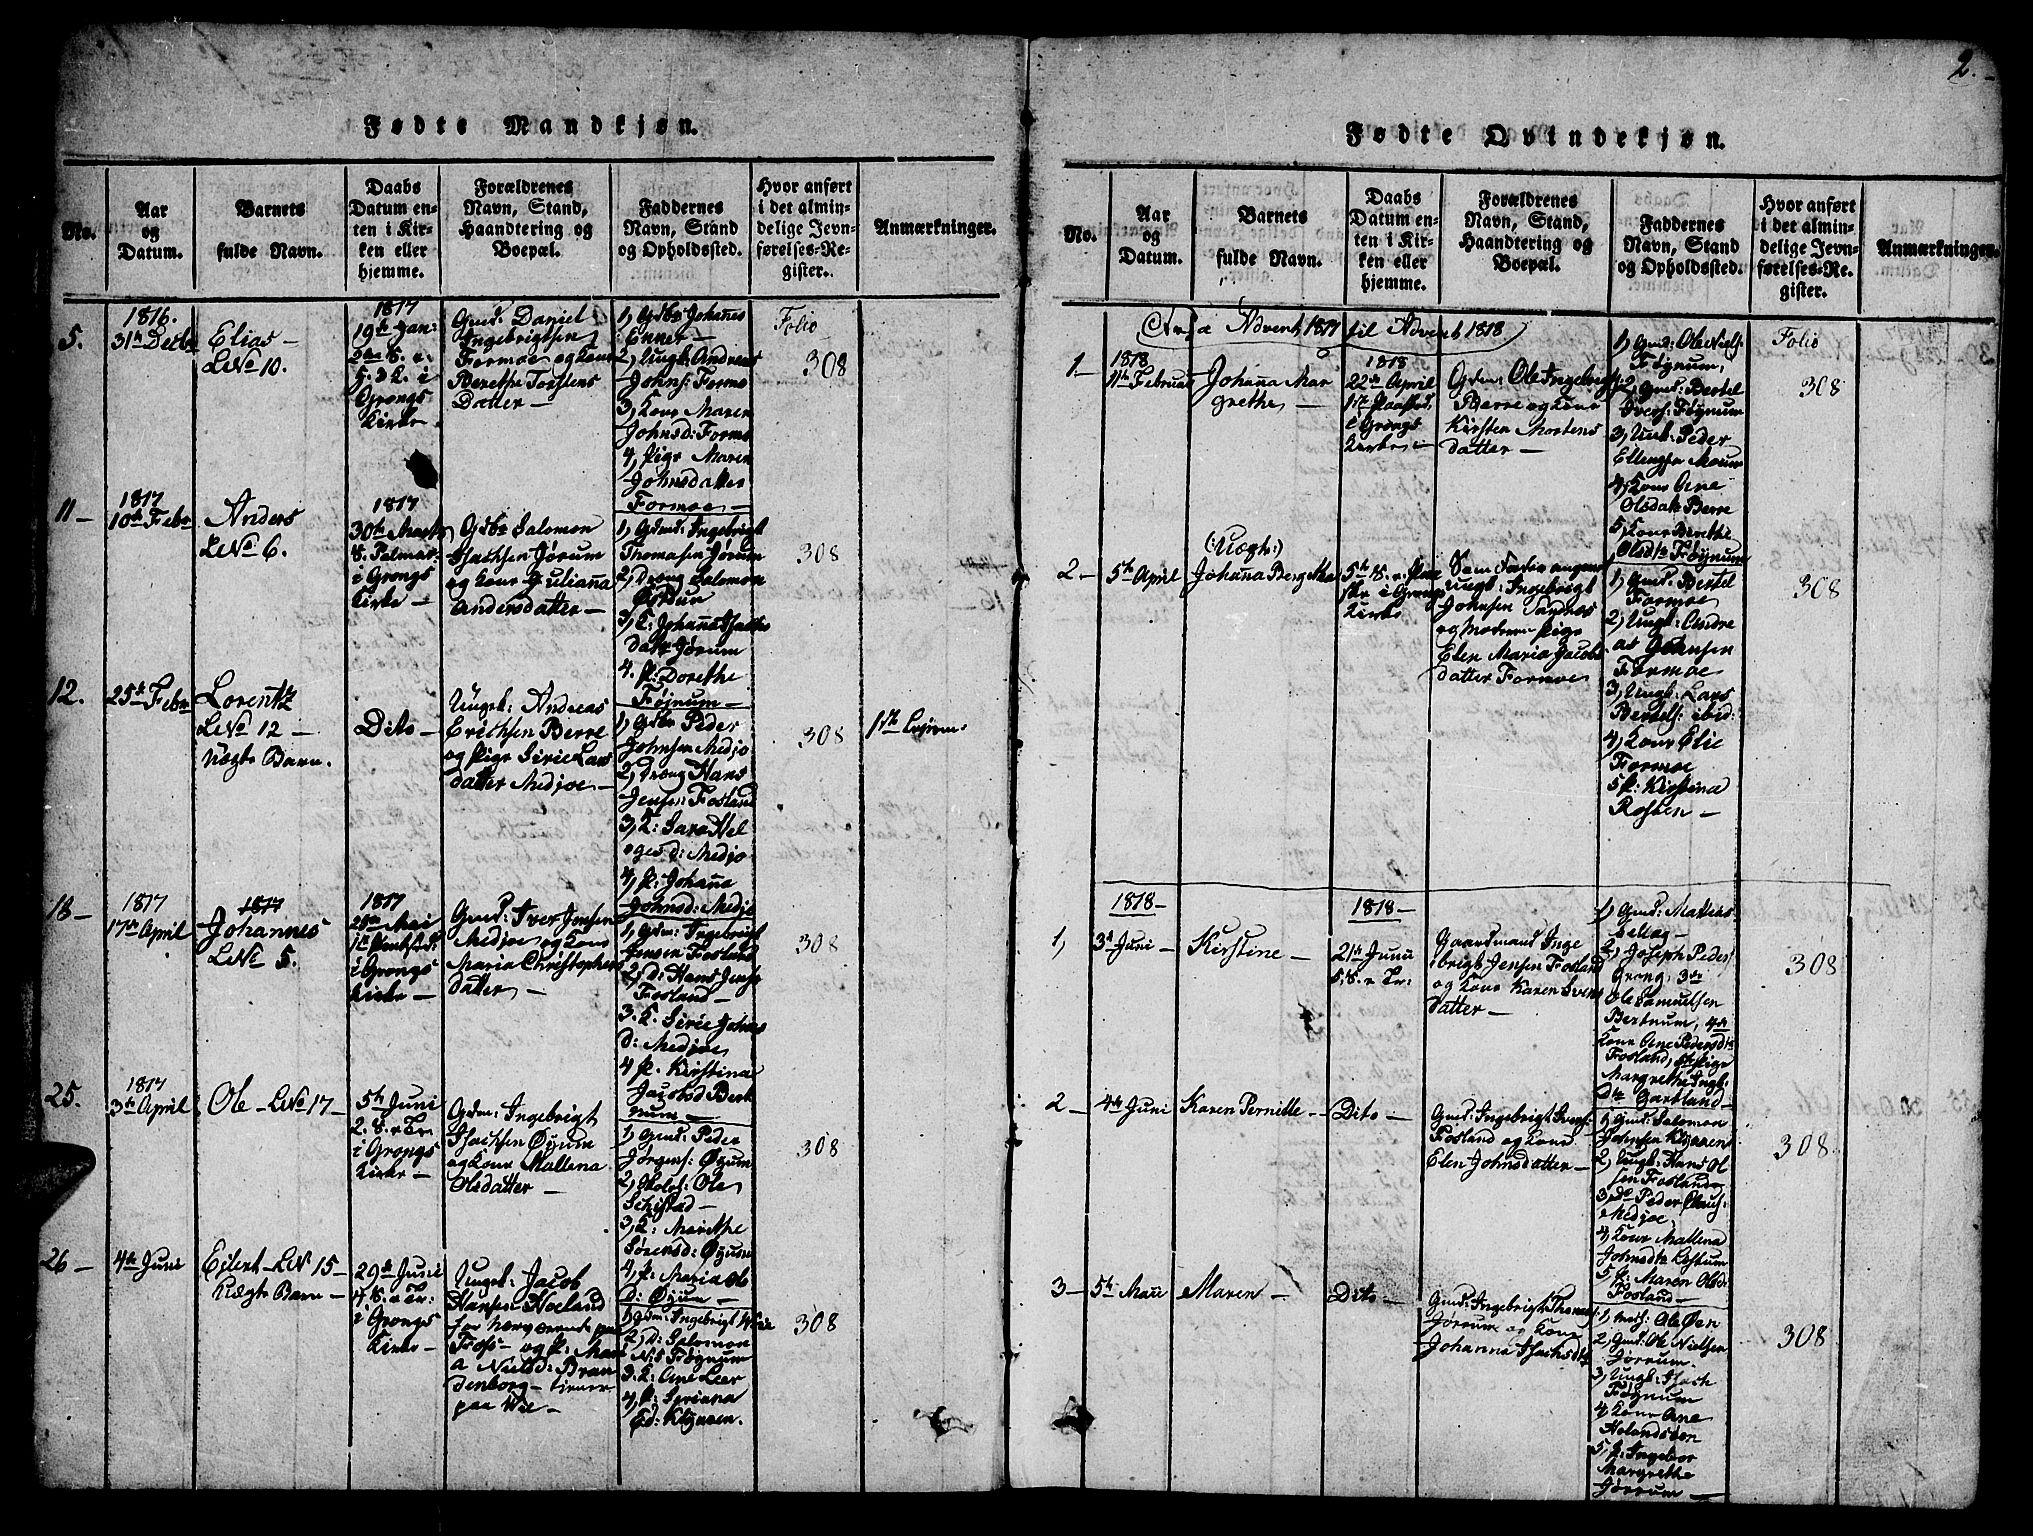 SAT, Ministerialprotokoller, klokkerbøker og fødselsregistre - Nord-Trøndelag, 758/L0521: Klokkerbok nr. 758C01, 1816-1825, s. 2